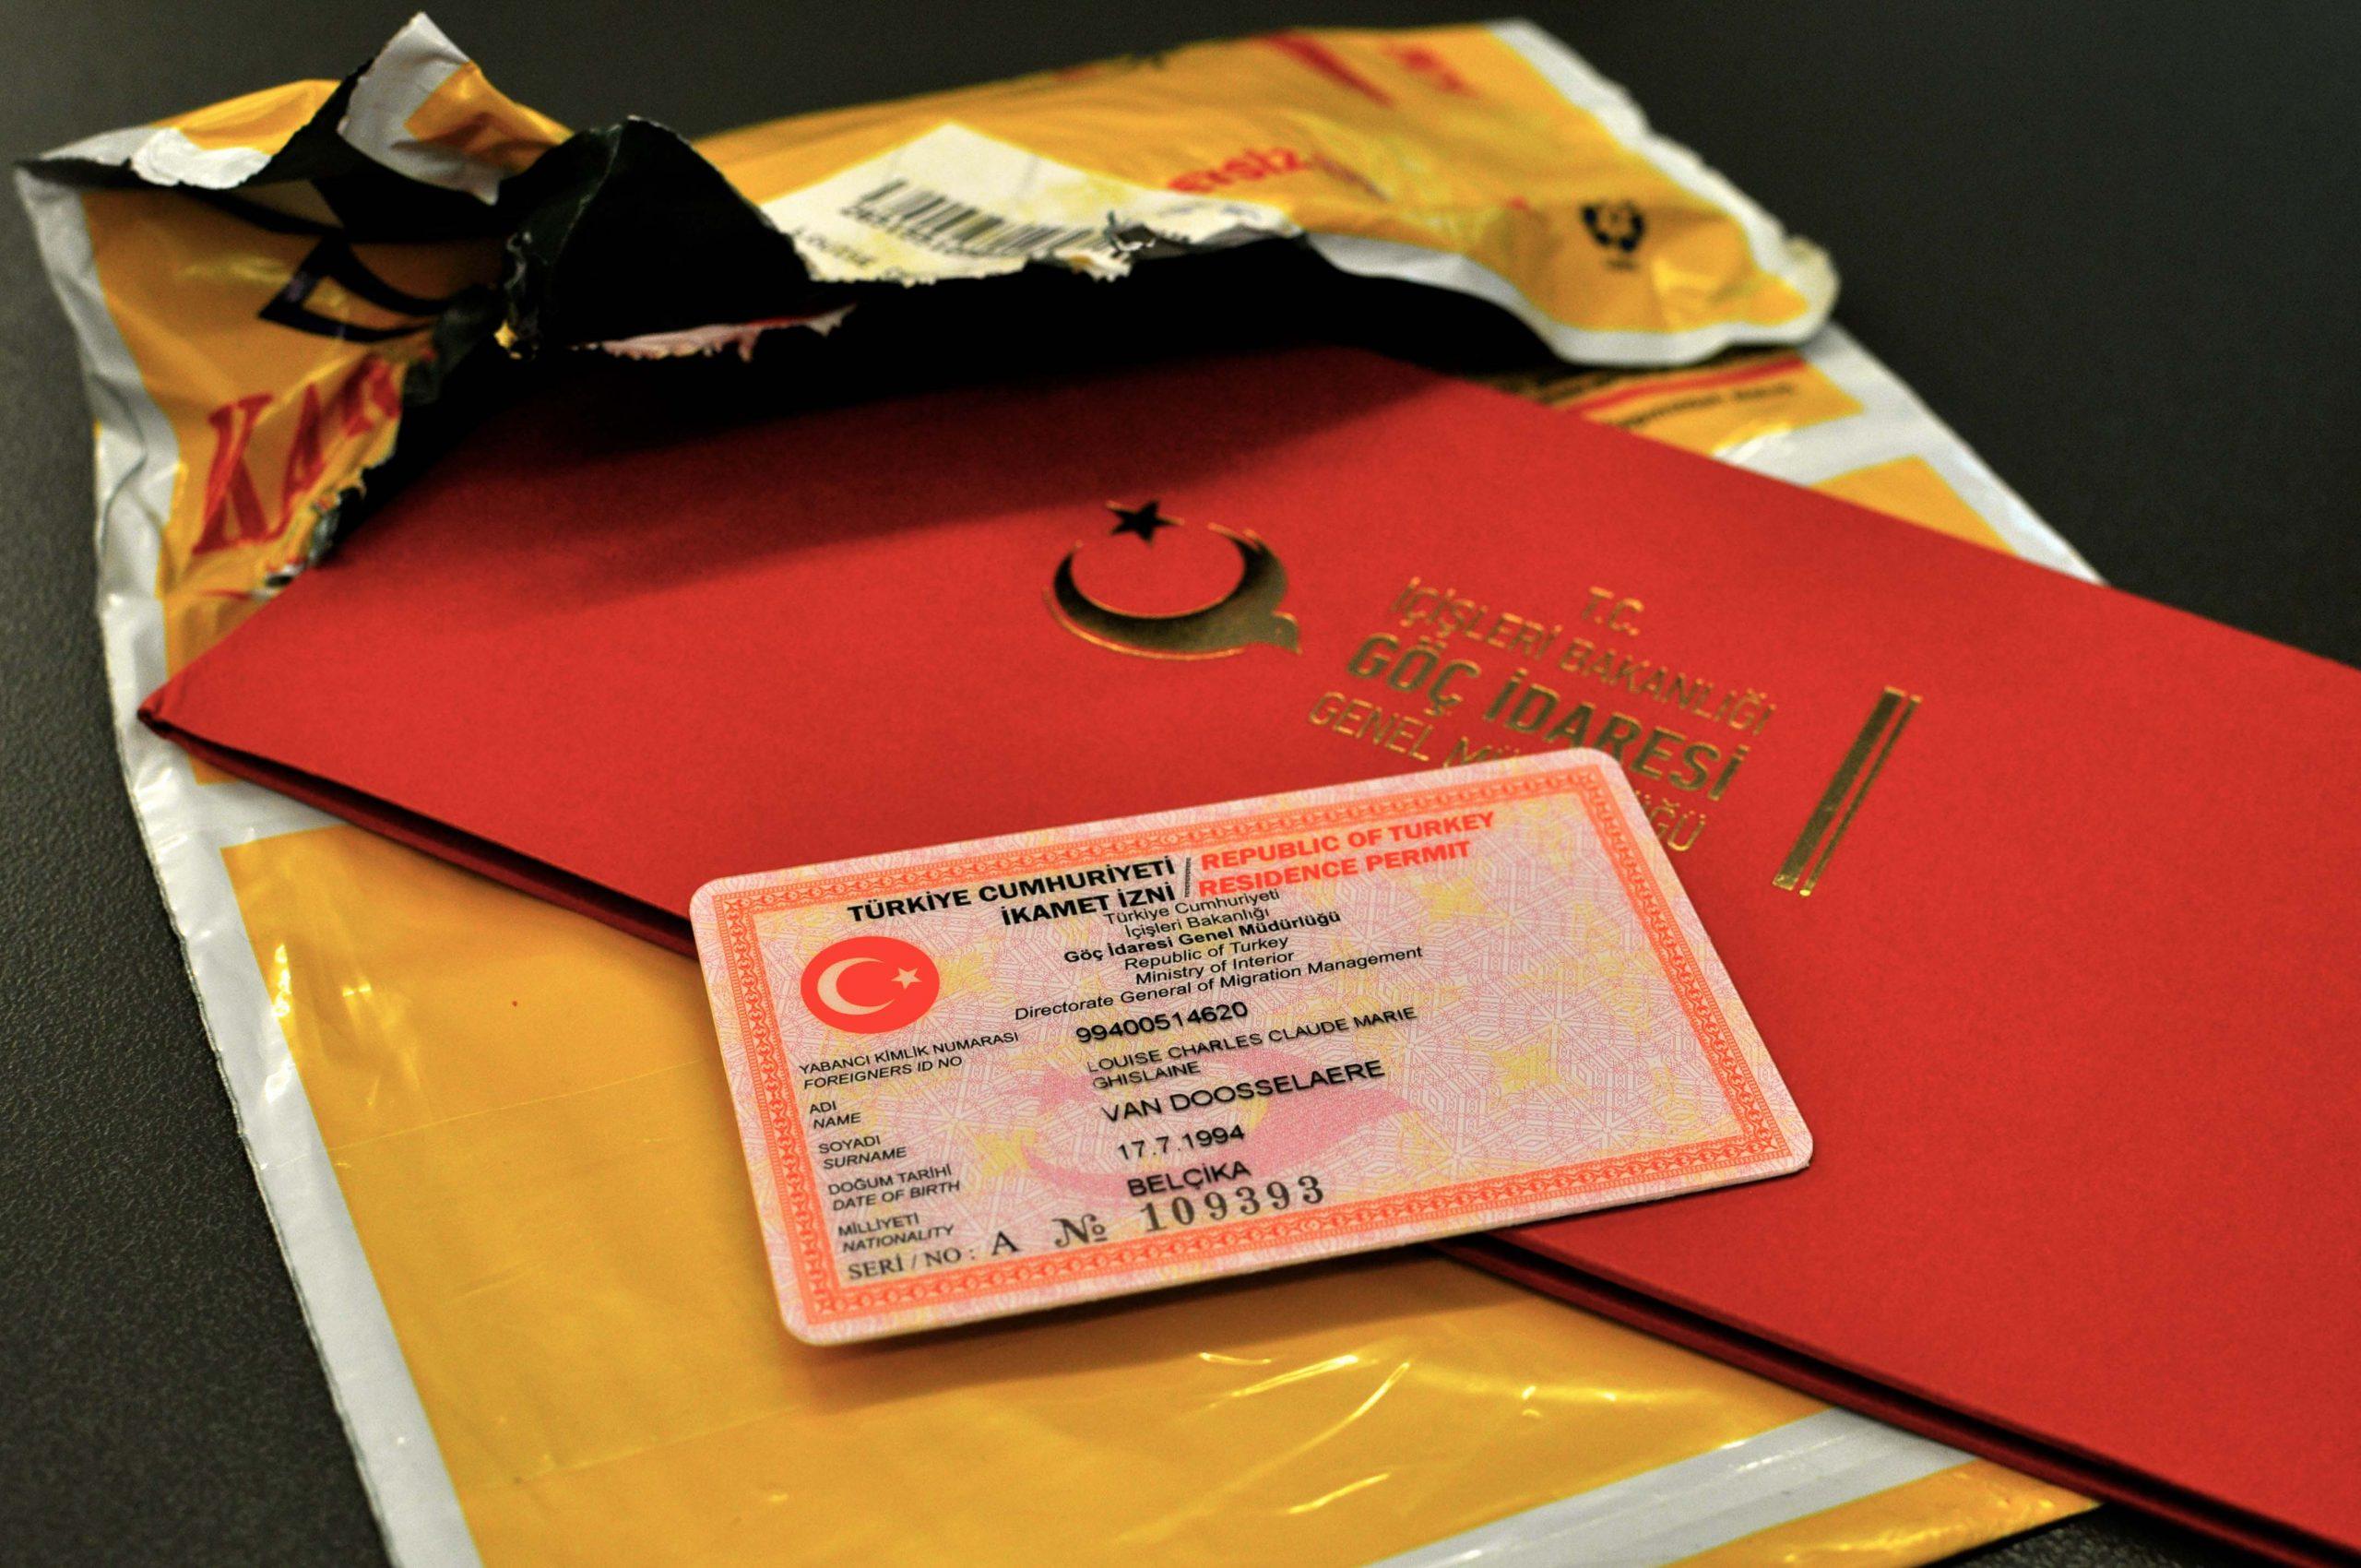 ادارة الهجرة التركية | آخر المتطلبات الرسمية لتجديد الإقامة السياحية